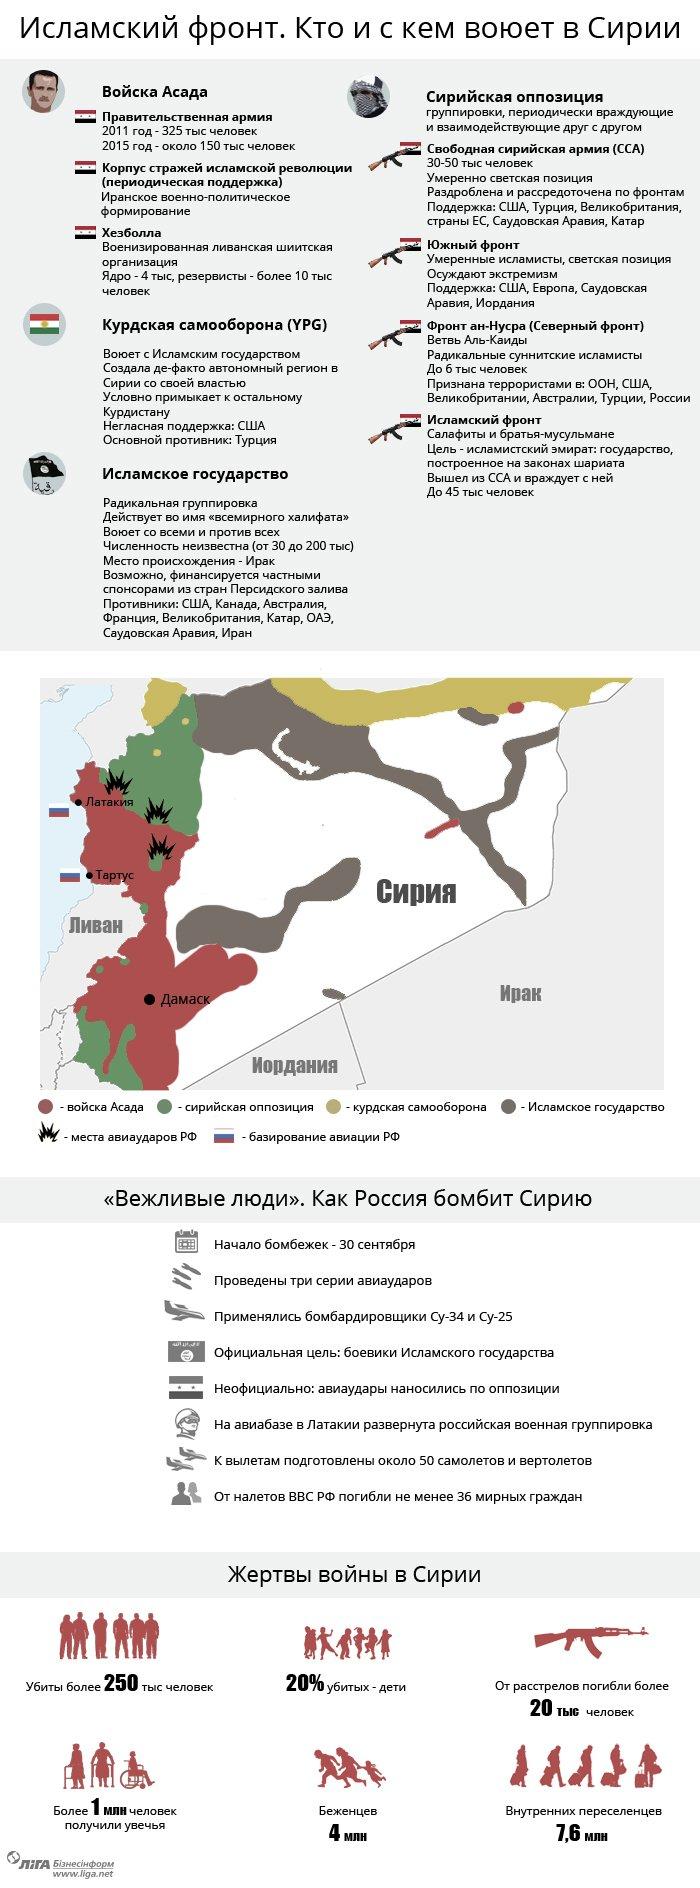 Кто и с кем воюет в Сирии (ИНФОГРАФИКА) (фото) - фото 1